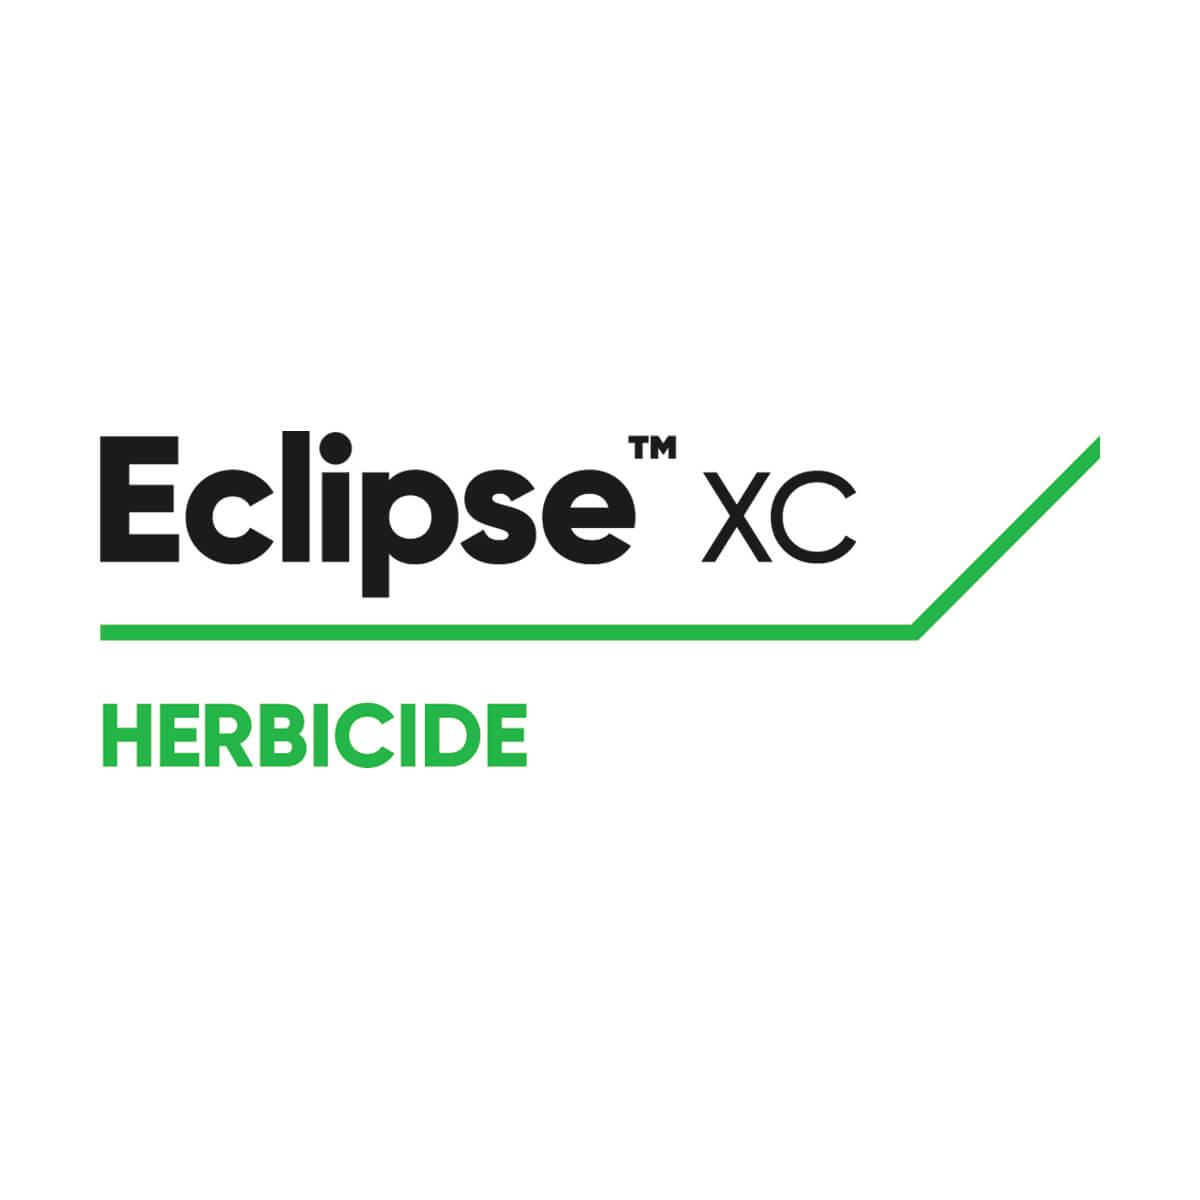 ECLIPSE XC - 40 Acre Case